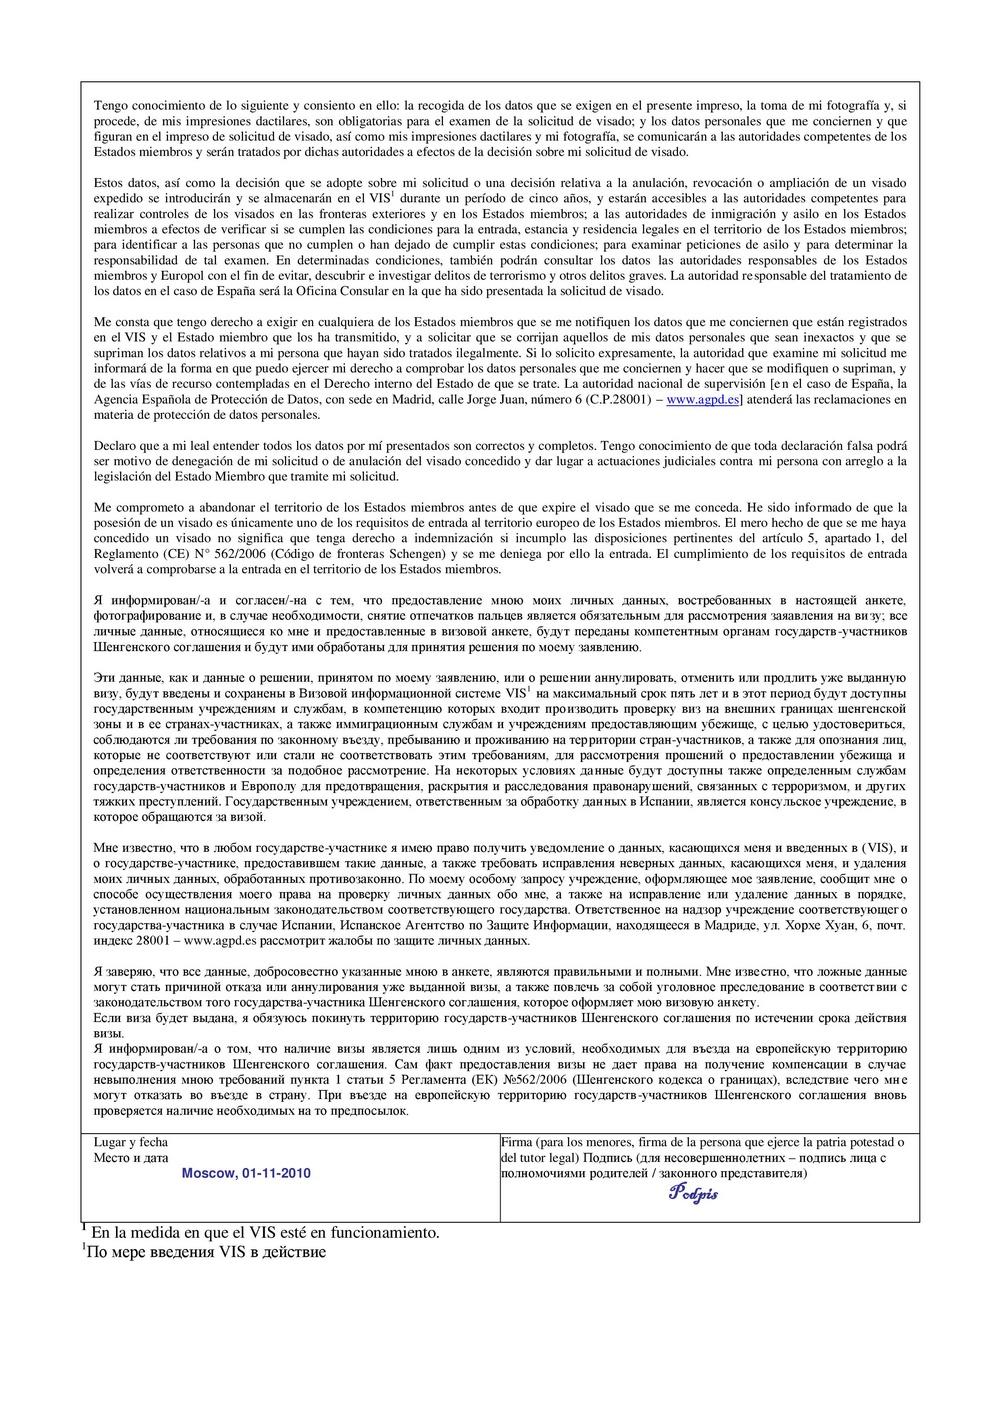 Образец заполнения анкеты на визу в Испанию, стр. 4